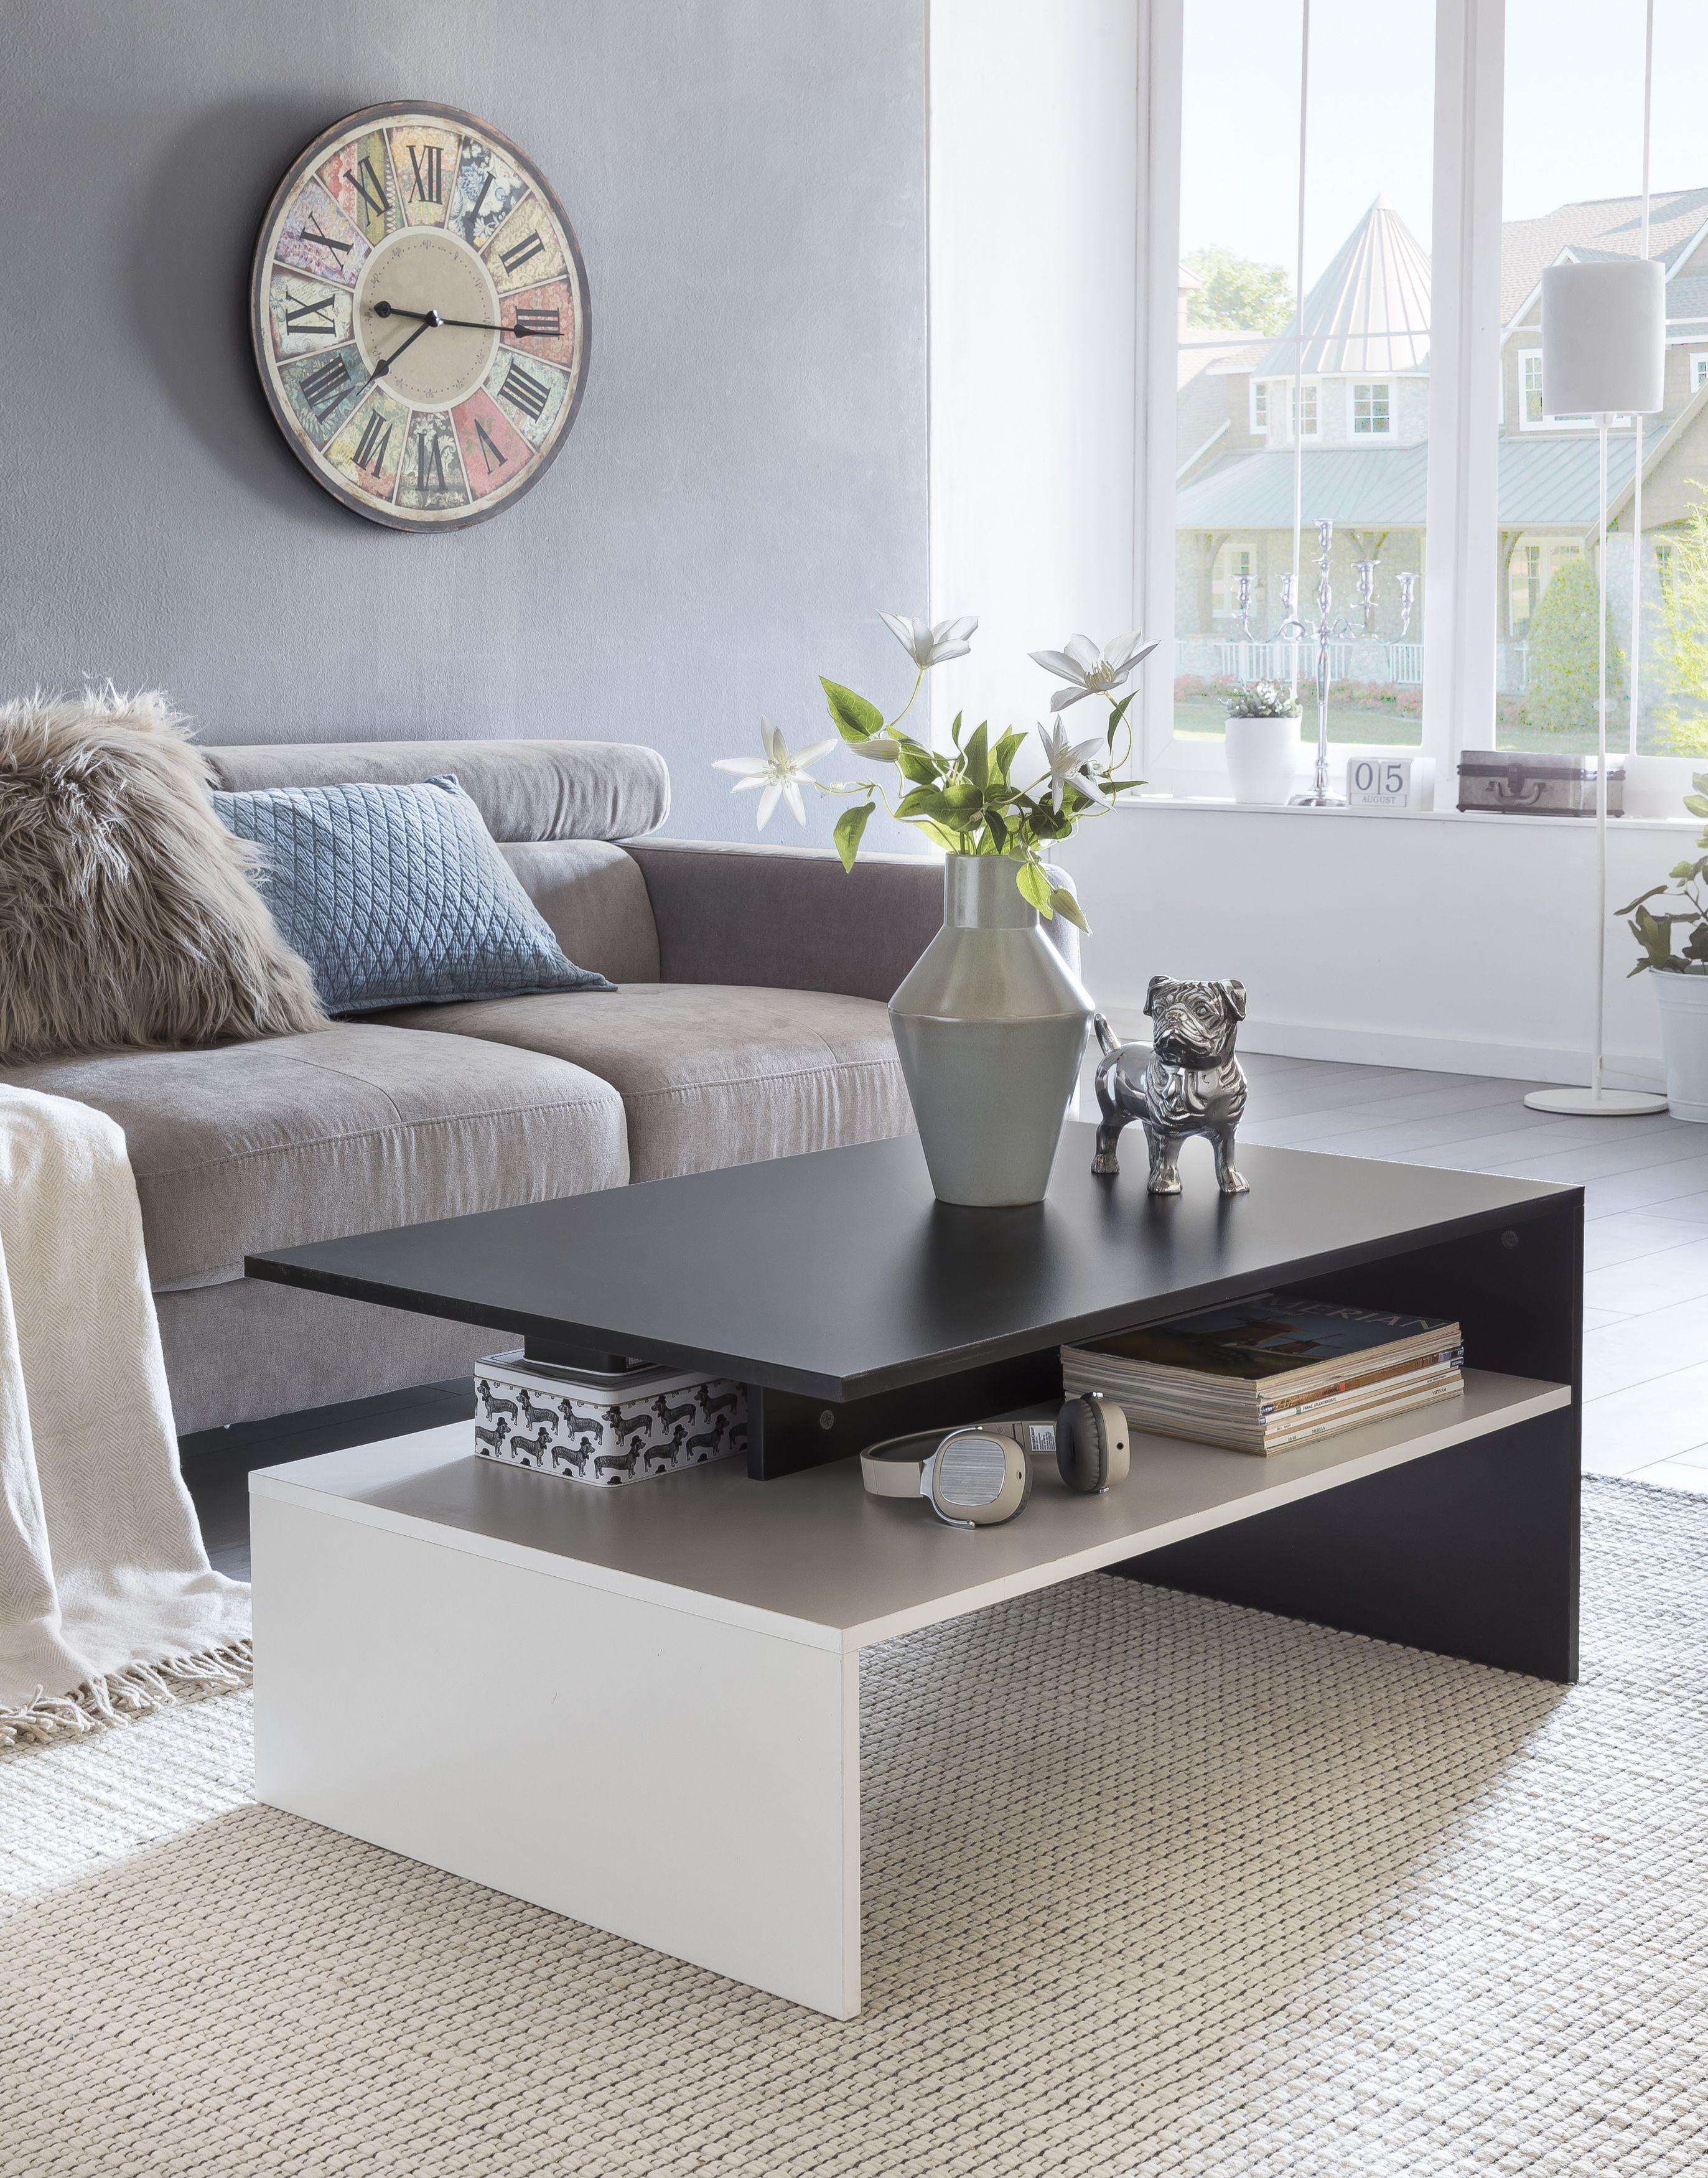 Schwarz Weiss Beistelltisch Couch Ablagetisch Stubentisch Modern